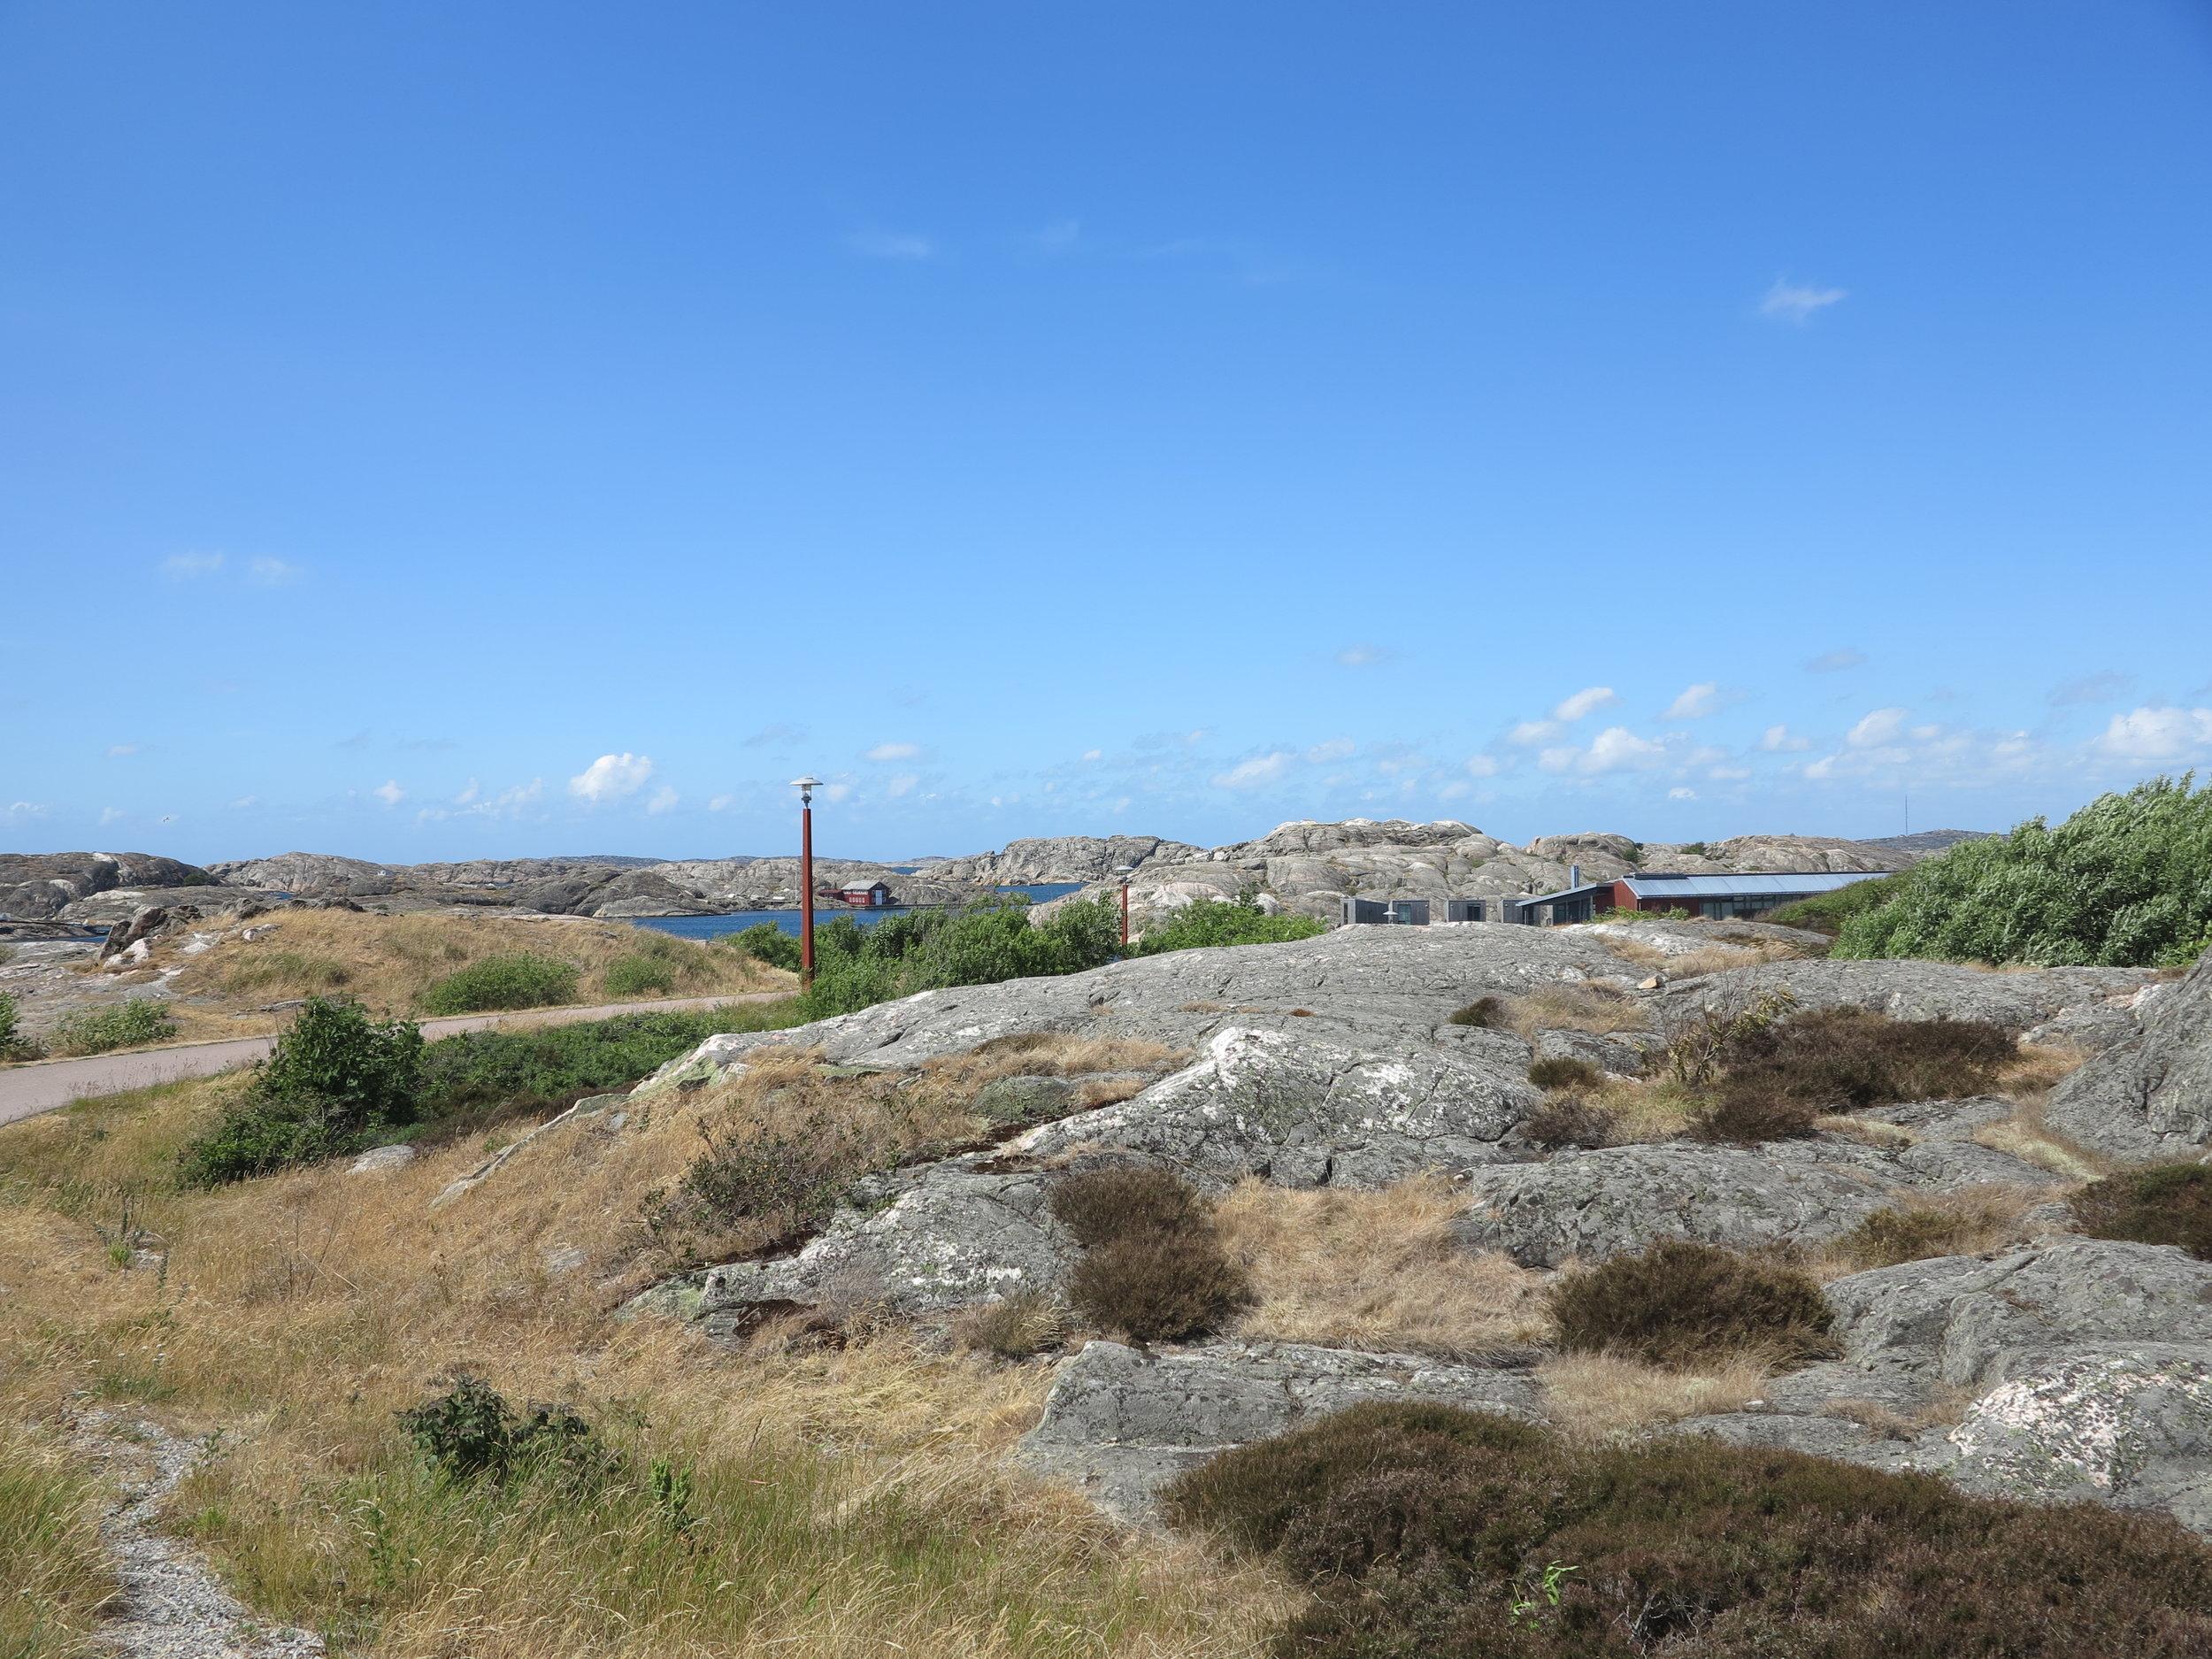 Der Blick über das Felsenmeer in Richtung Badestelle und Museum